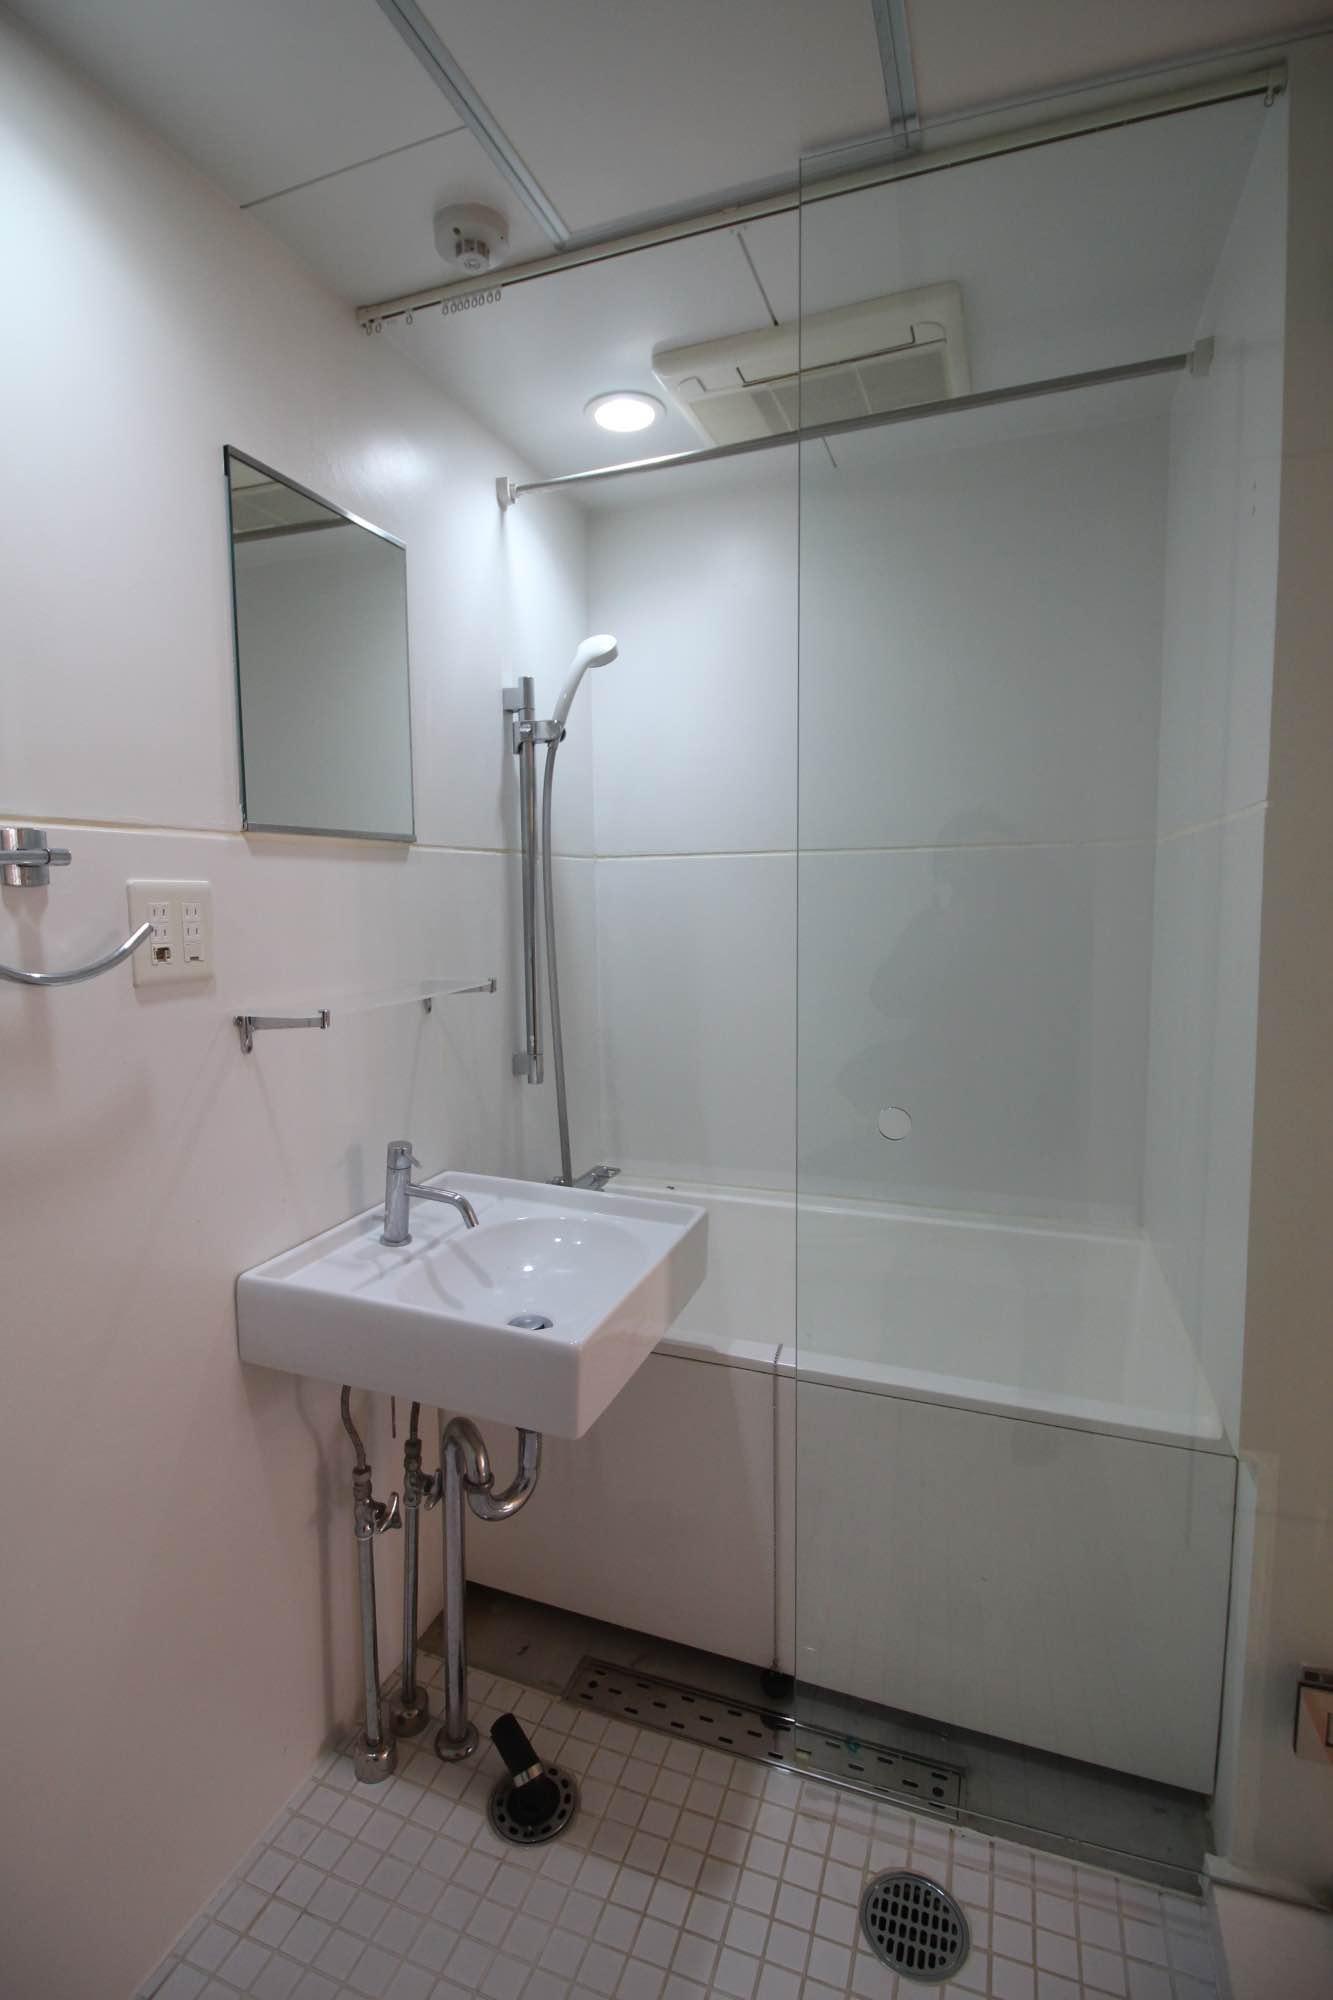 水周りは、トイレ、バスルーム、洗面、洗濯機が一つの空間に。